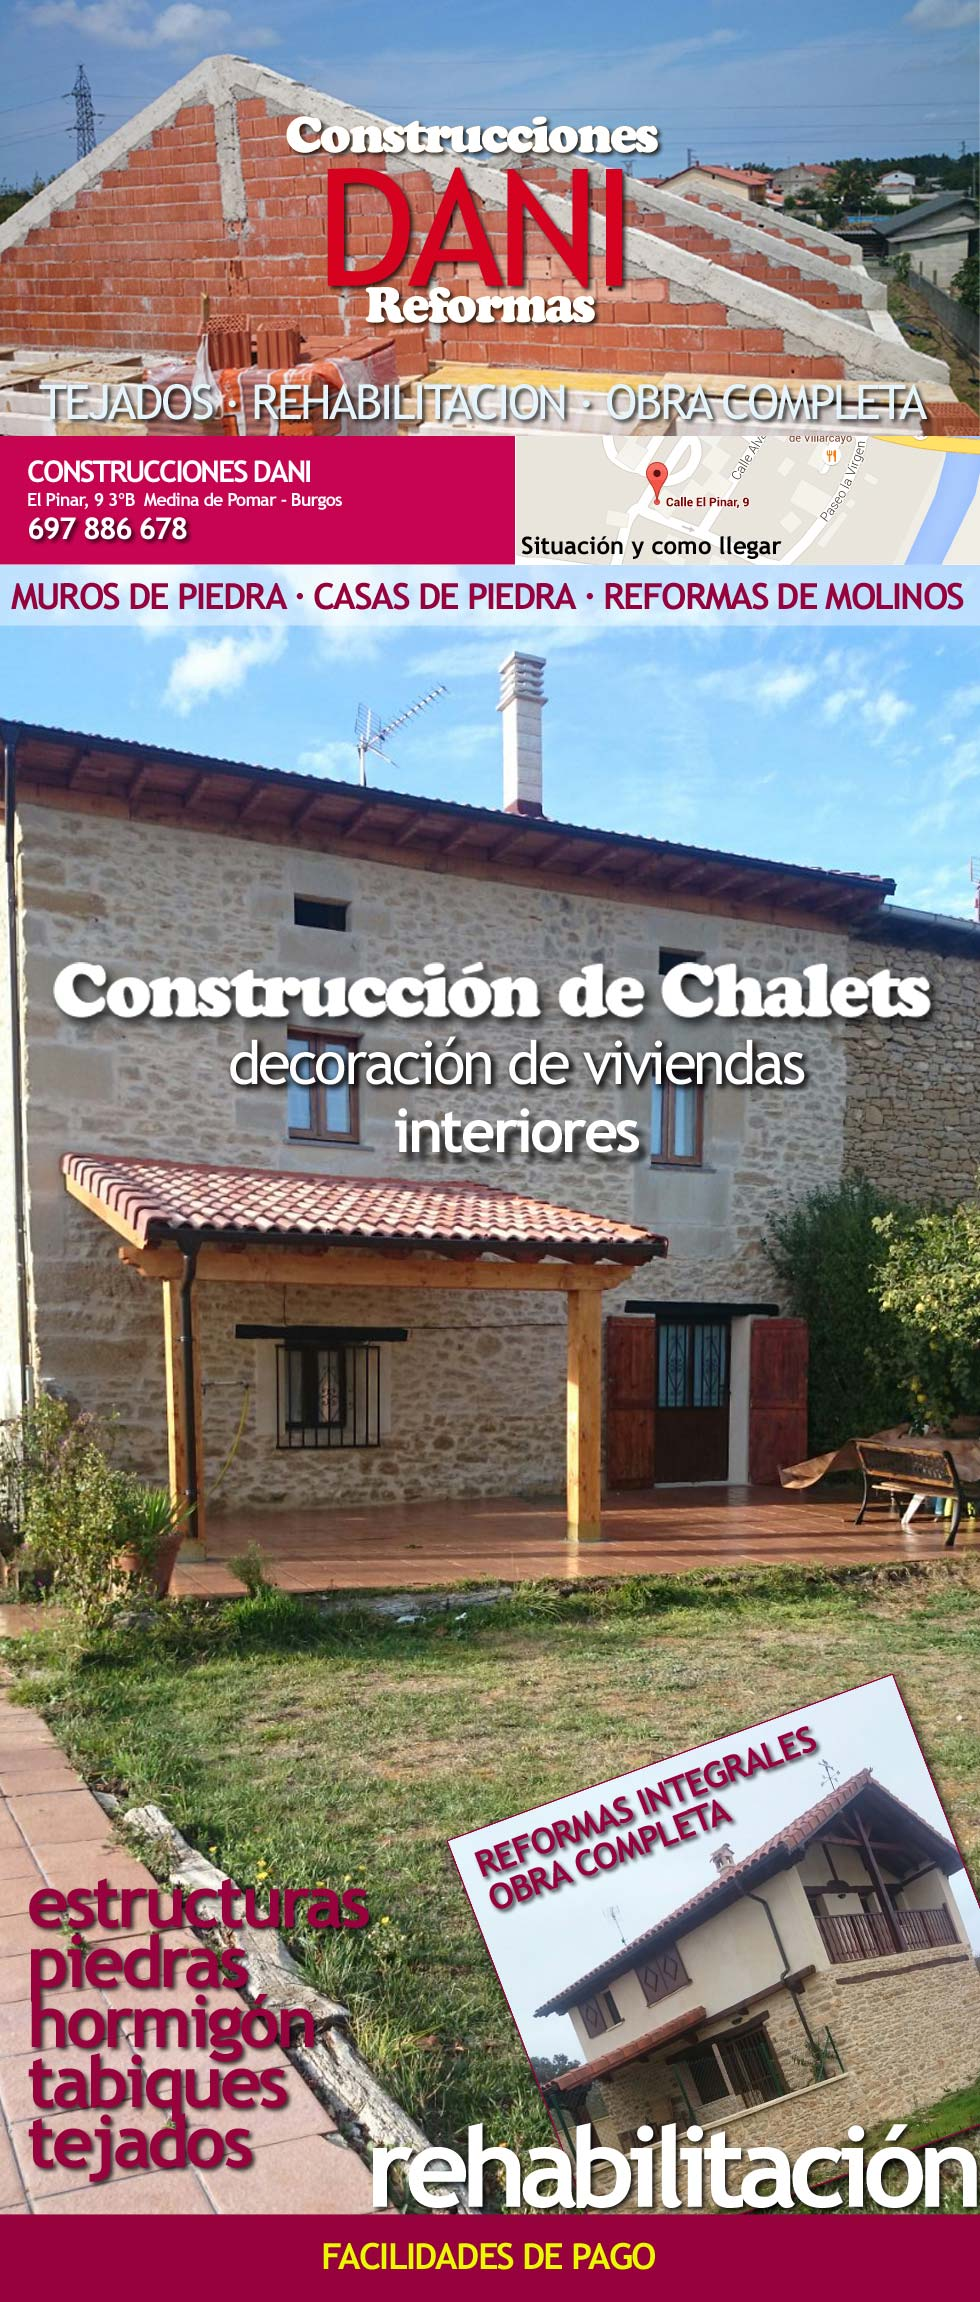 Construcciones dani 697886678 calle el pinar 9 medina de pomar empresa de construccion - Construccion casa de piedra precio ...